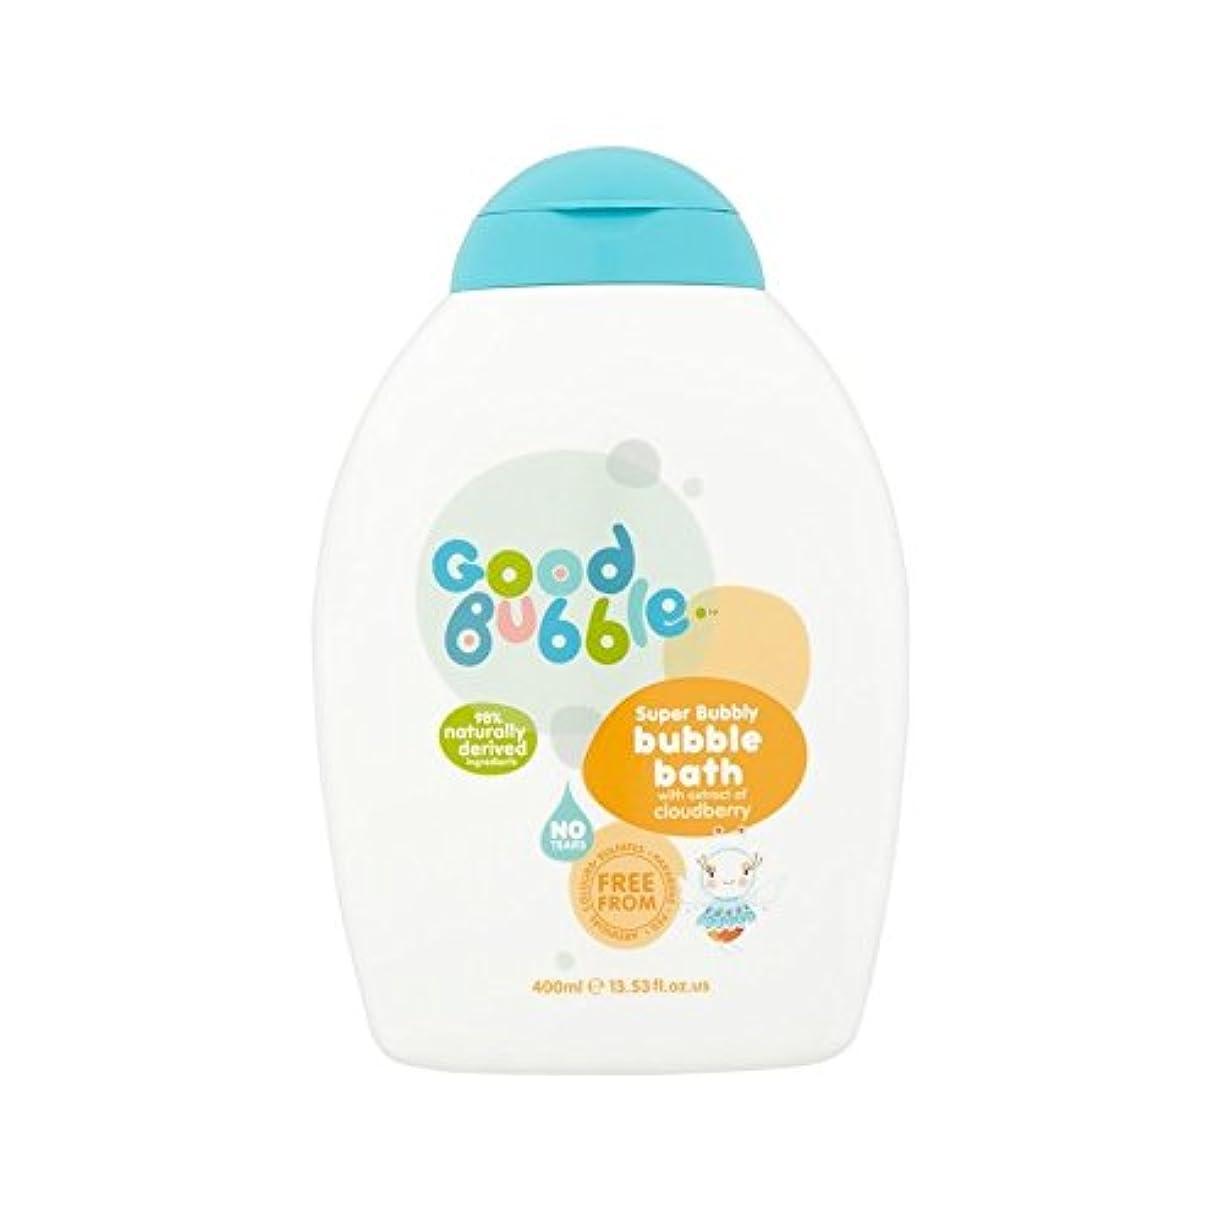 発動機ハウスファランクスクラウドベリーエキスの400ミリリットルと泡風呂 (Good Bubble) (x 2) - Good Bubble Bubble Bath with Cloudberry Extract 400ml (Pack of...